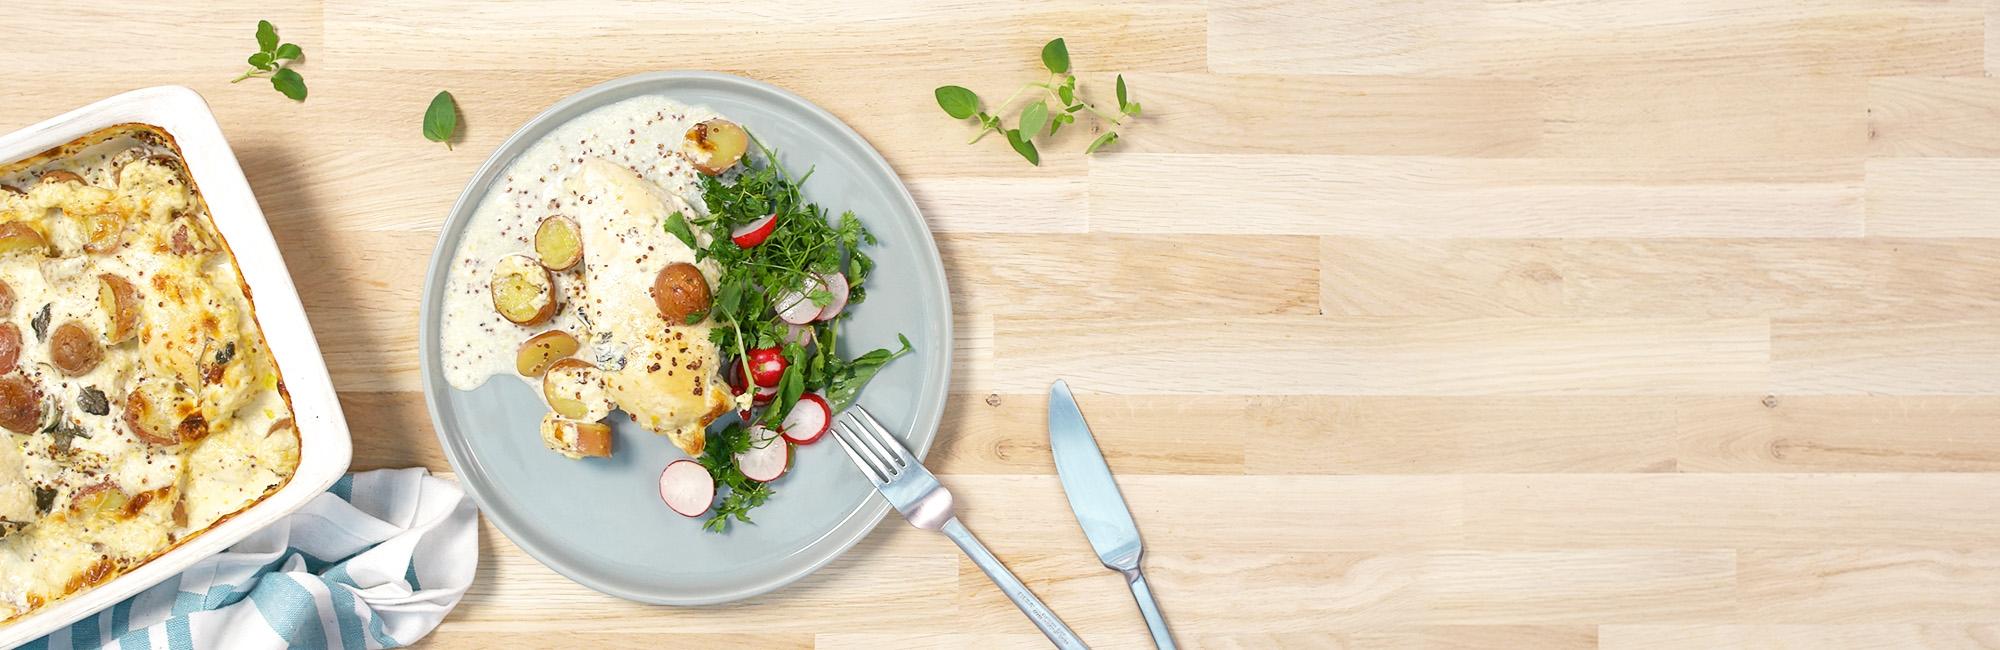 Kipfilet, ovengebakken aardappelen, slaatje van radijs, kervel, mosterdsaus